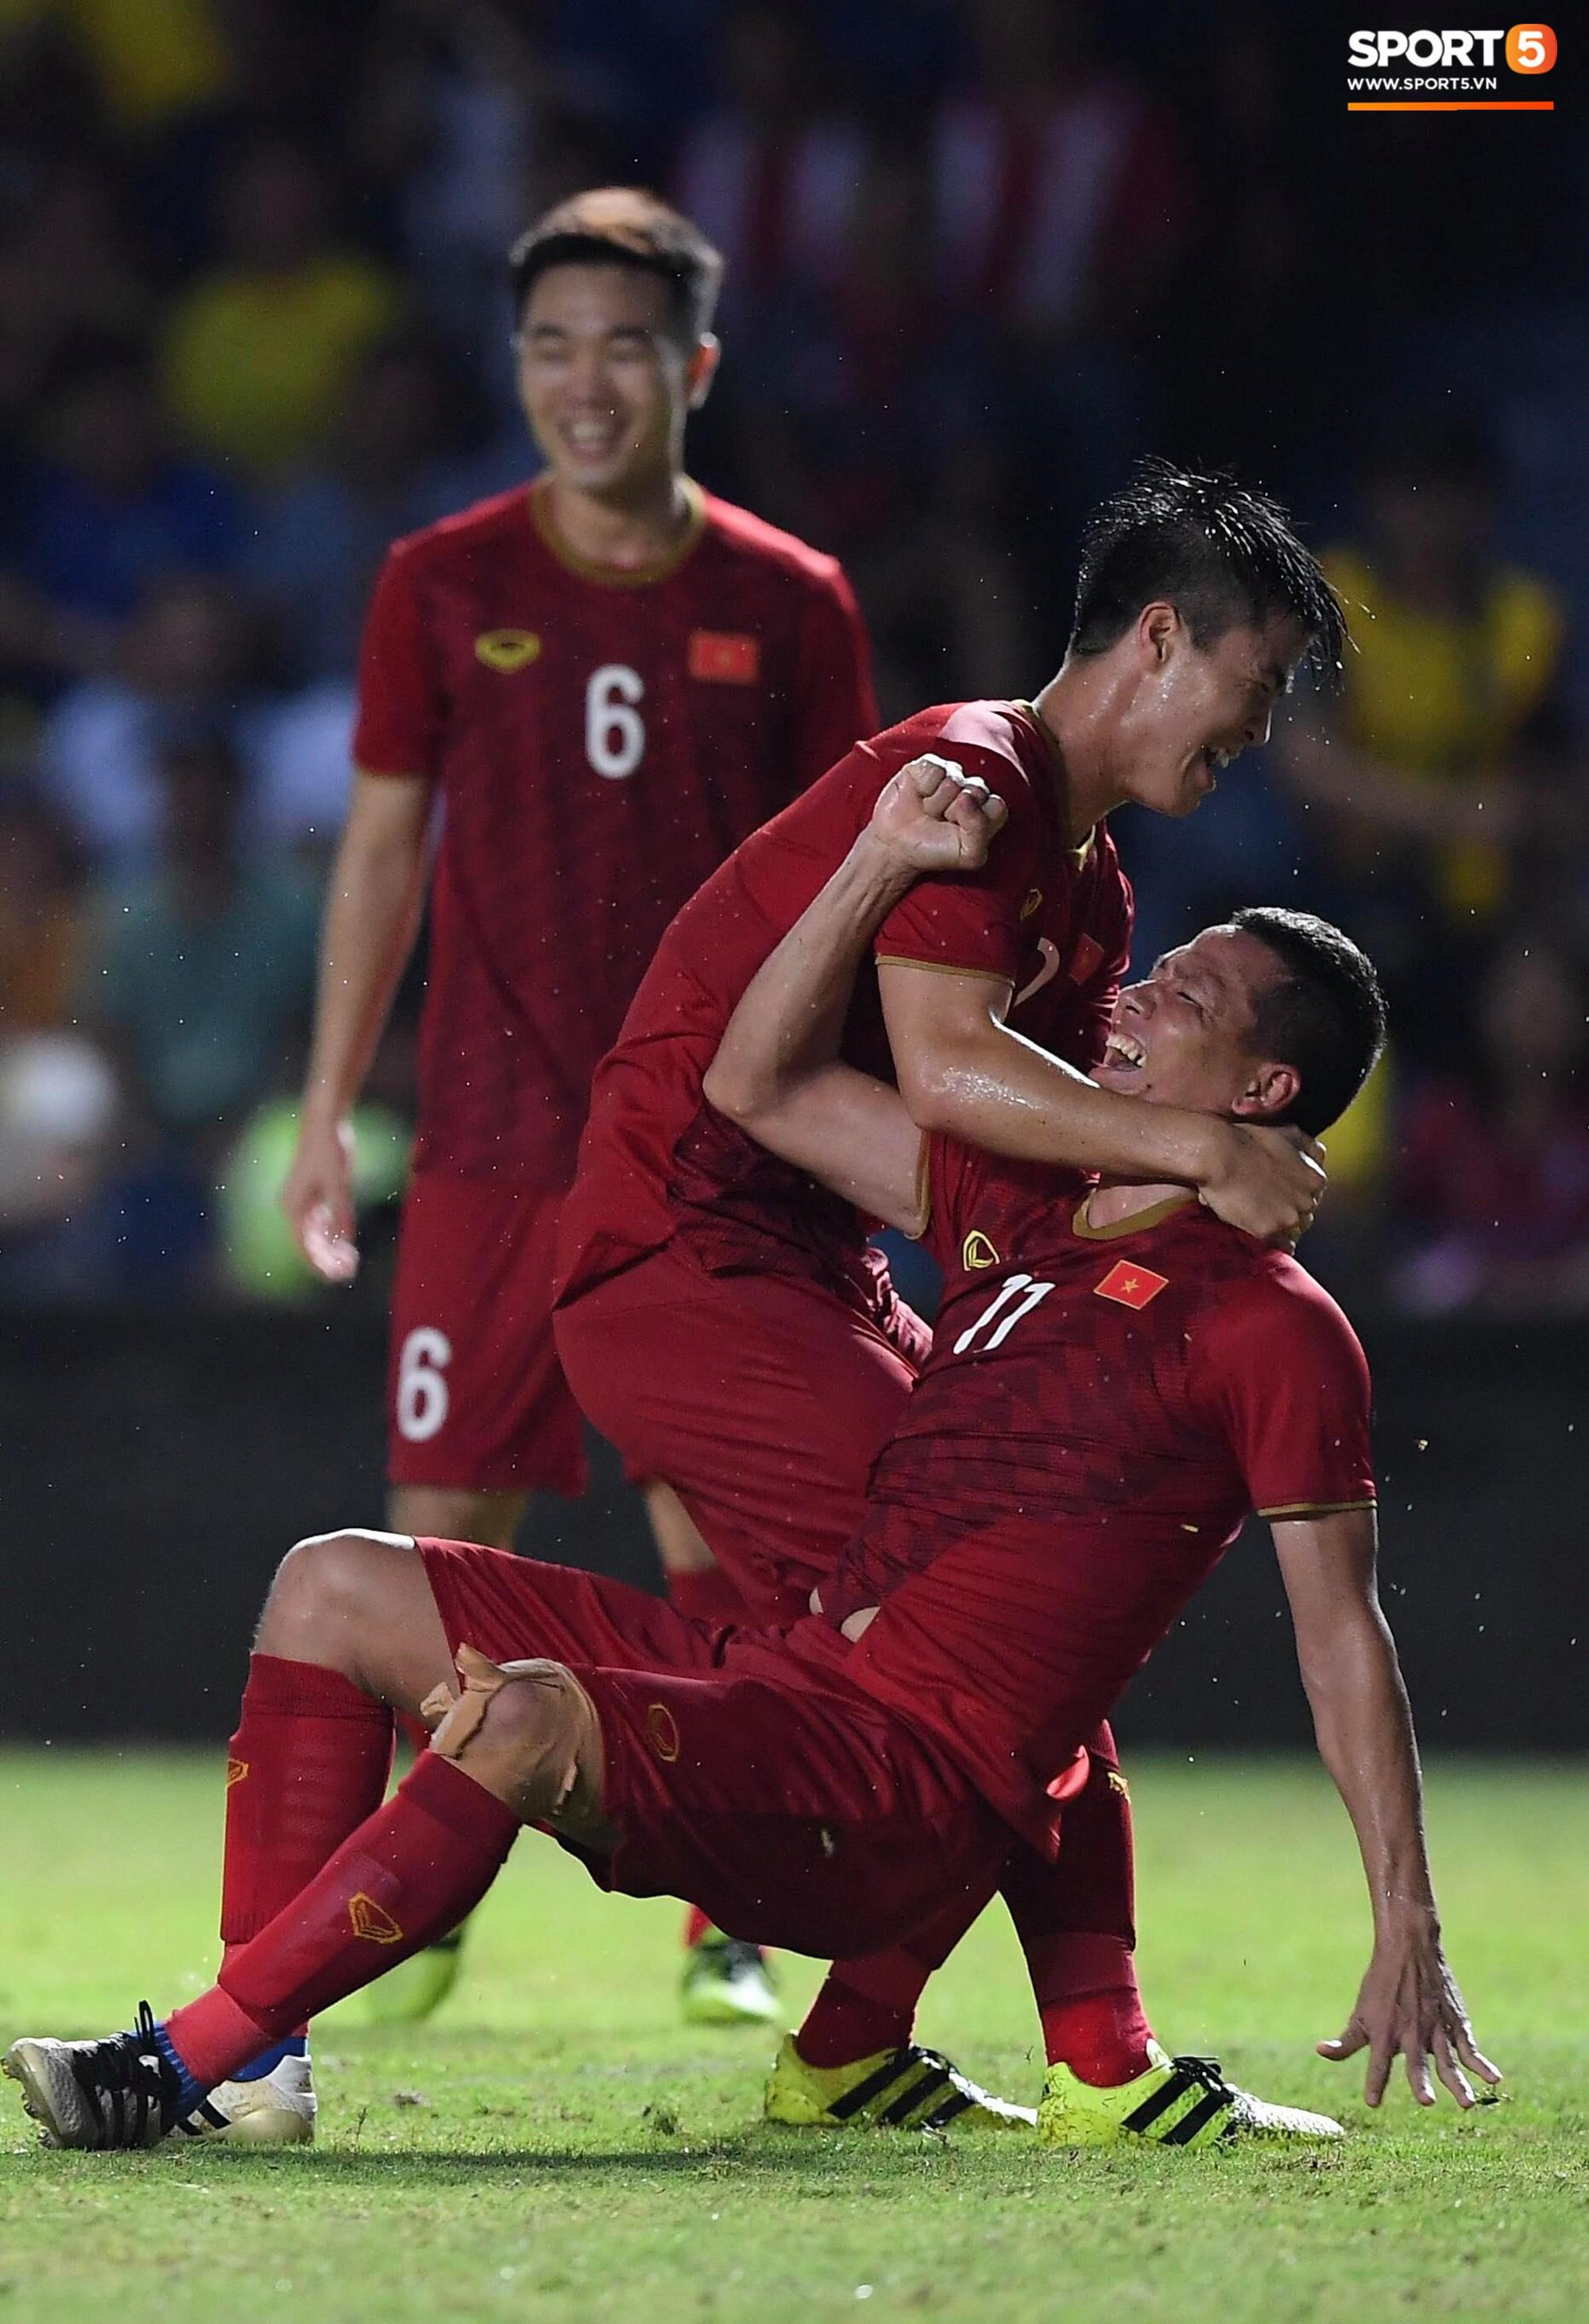 Anh Đức gục ngã đau đớn sau pha ghi bàn vào lưới Thái Lan nhưng vẫn kịp nở nụ cười mãn nguyện - Ảnh 2.